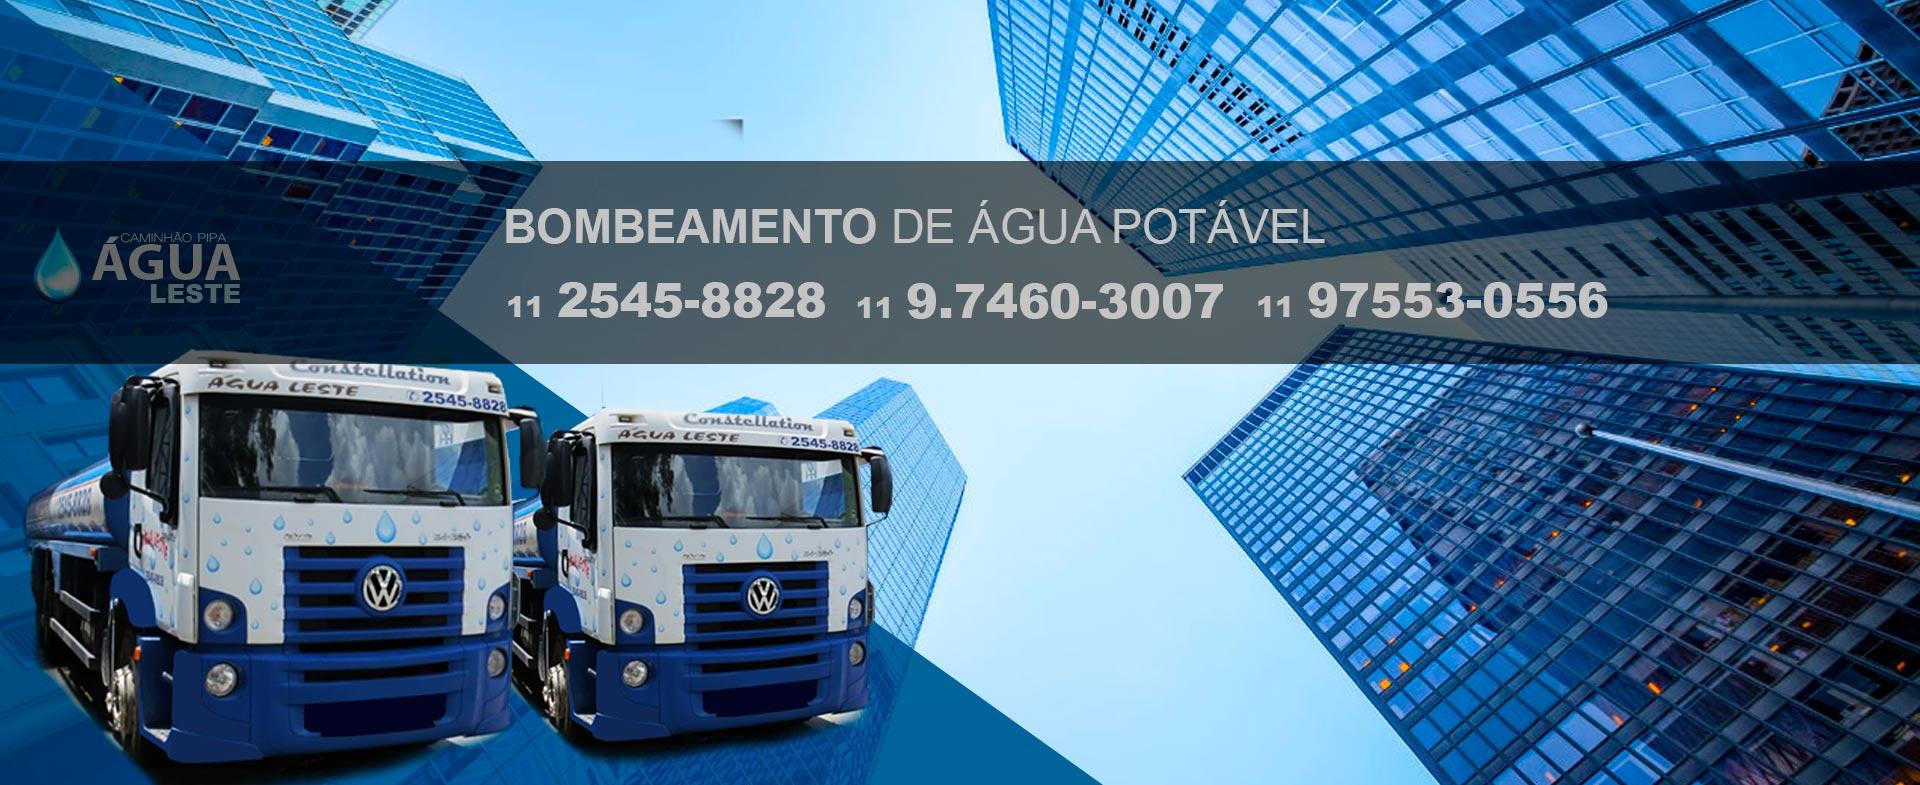 BOMBEAMENTO DE ÁGUA POTÁVEL PARA ALTURAS